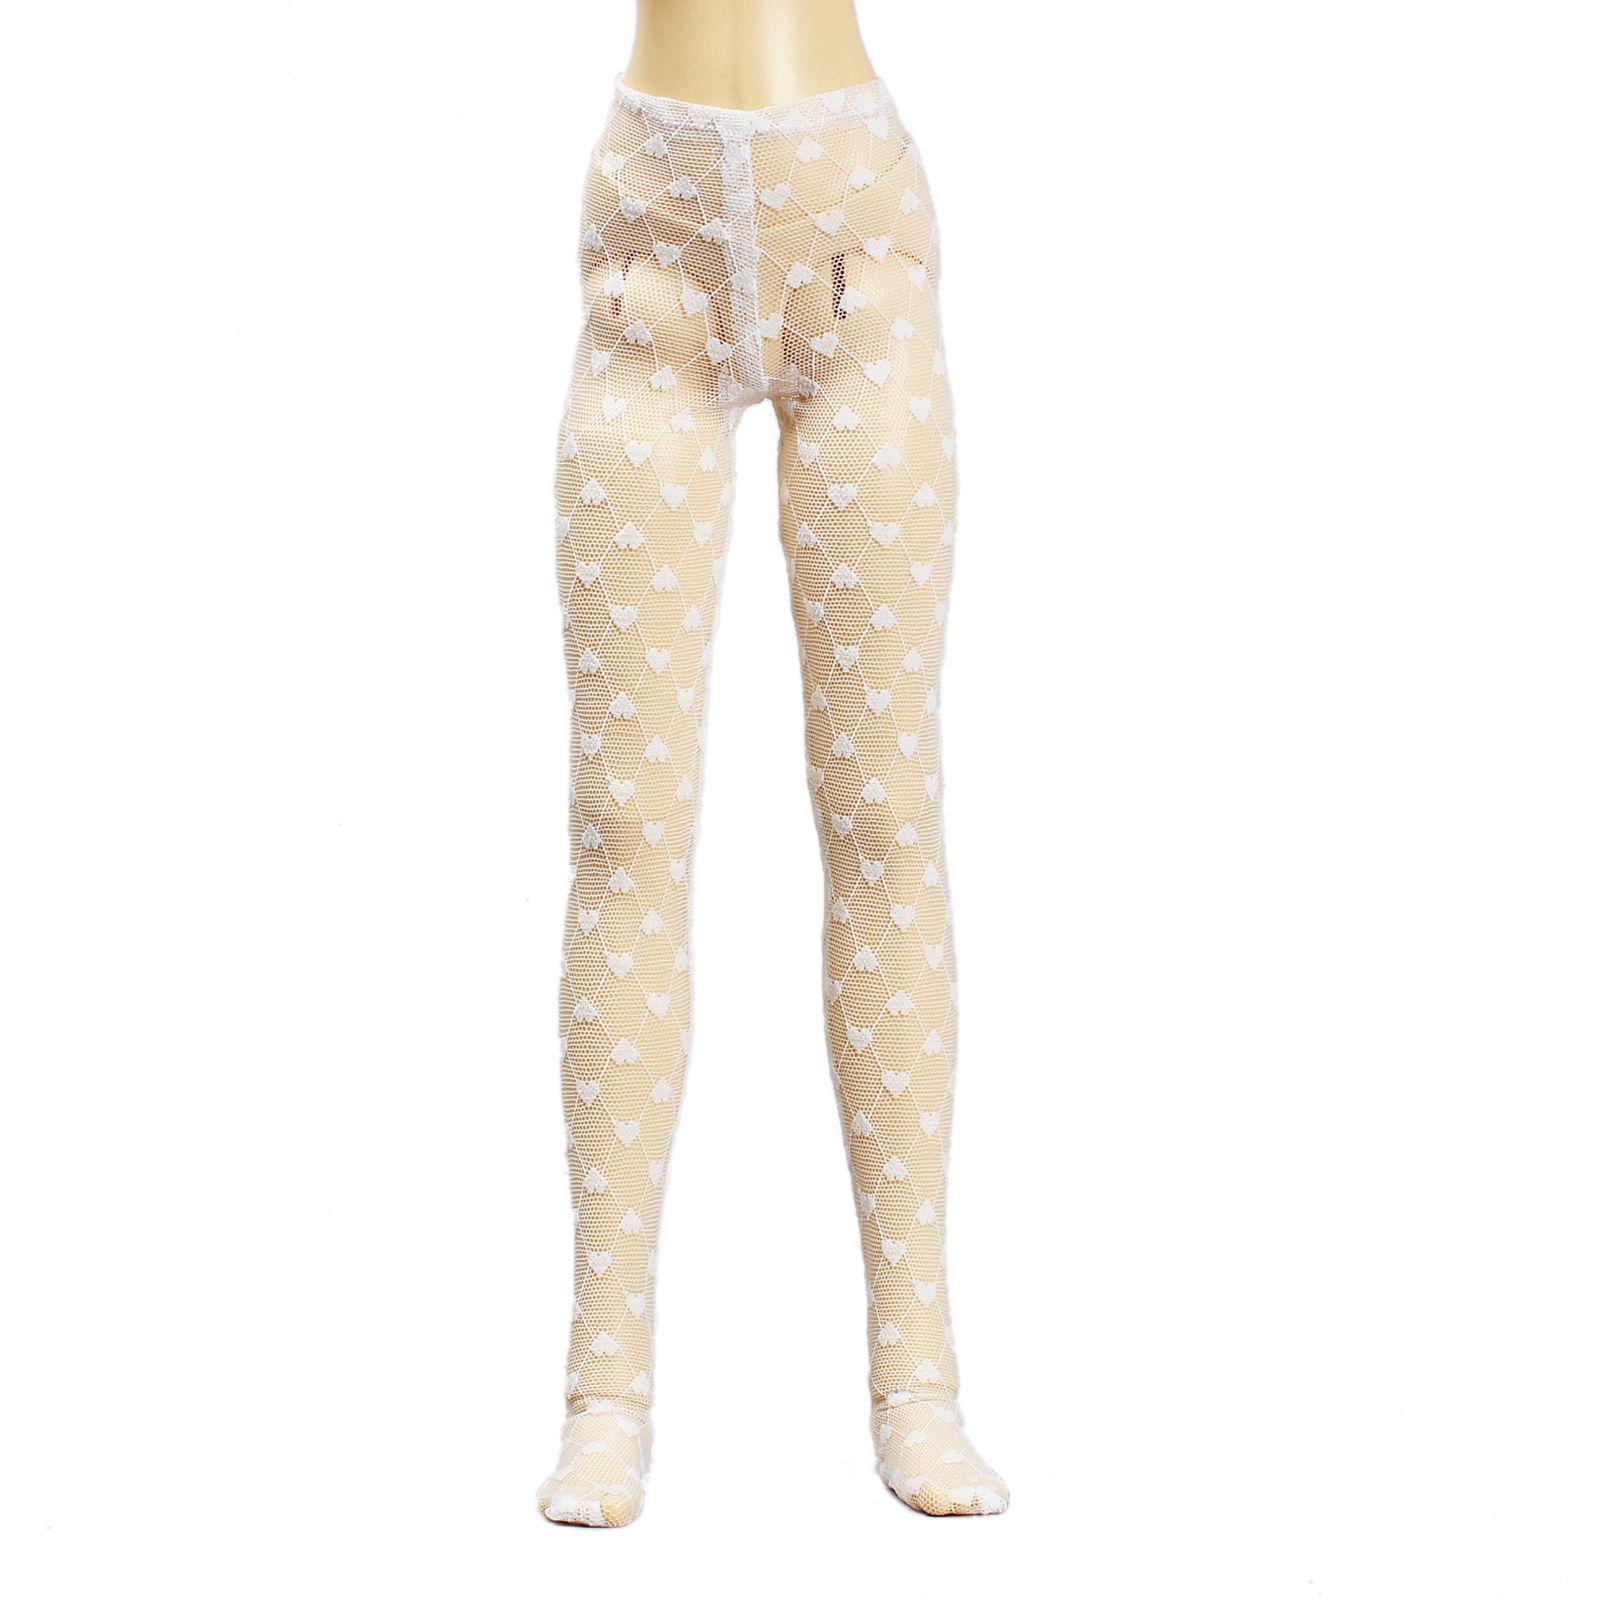 AdeeSu Womens No-Closure Pointed-Toe Urethane Tuxedo Urethane Pumps Shoes SDC03706